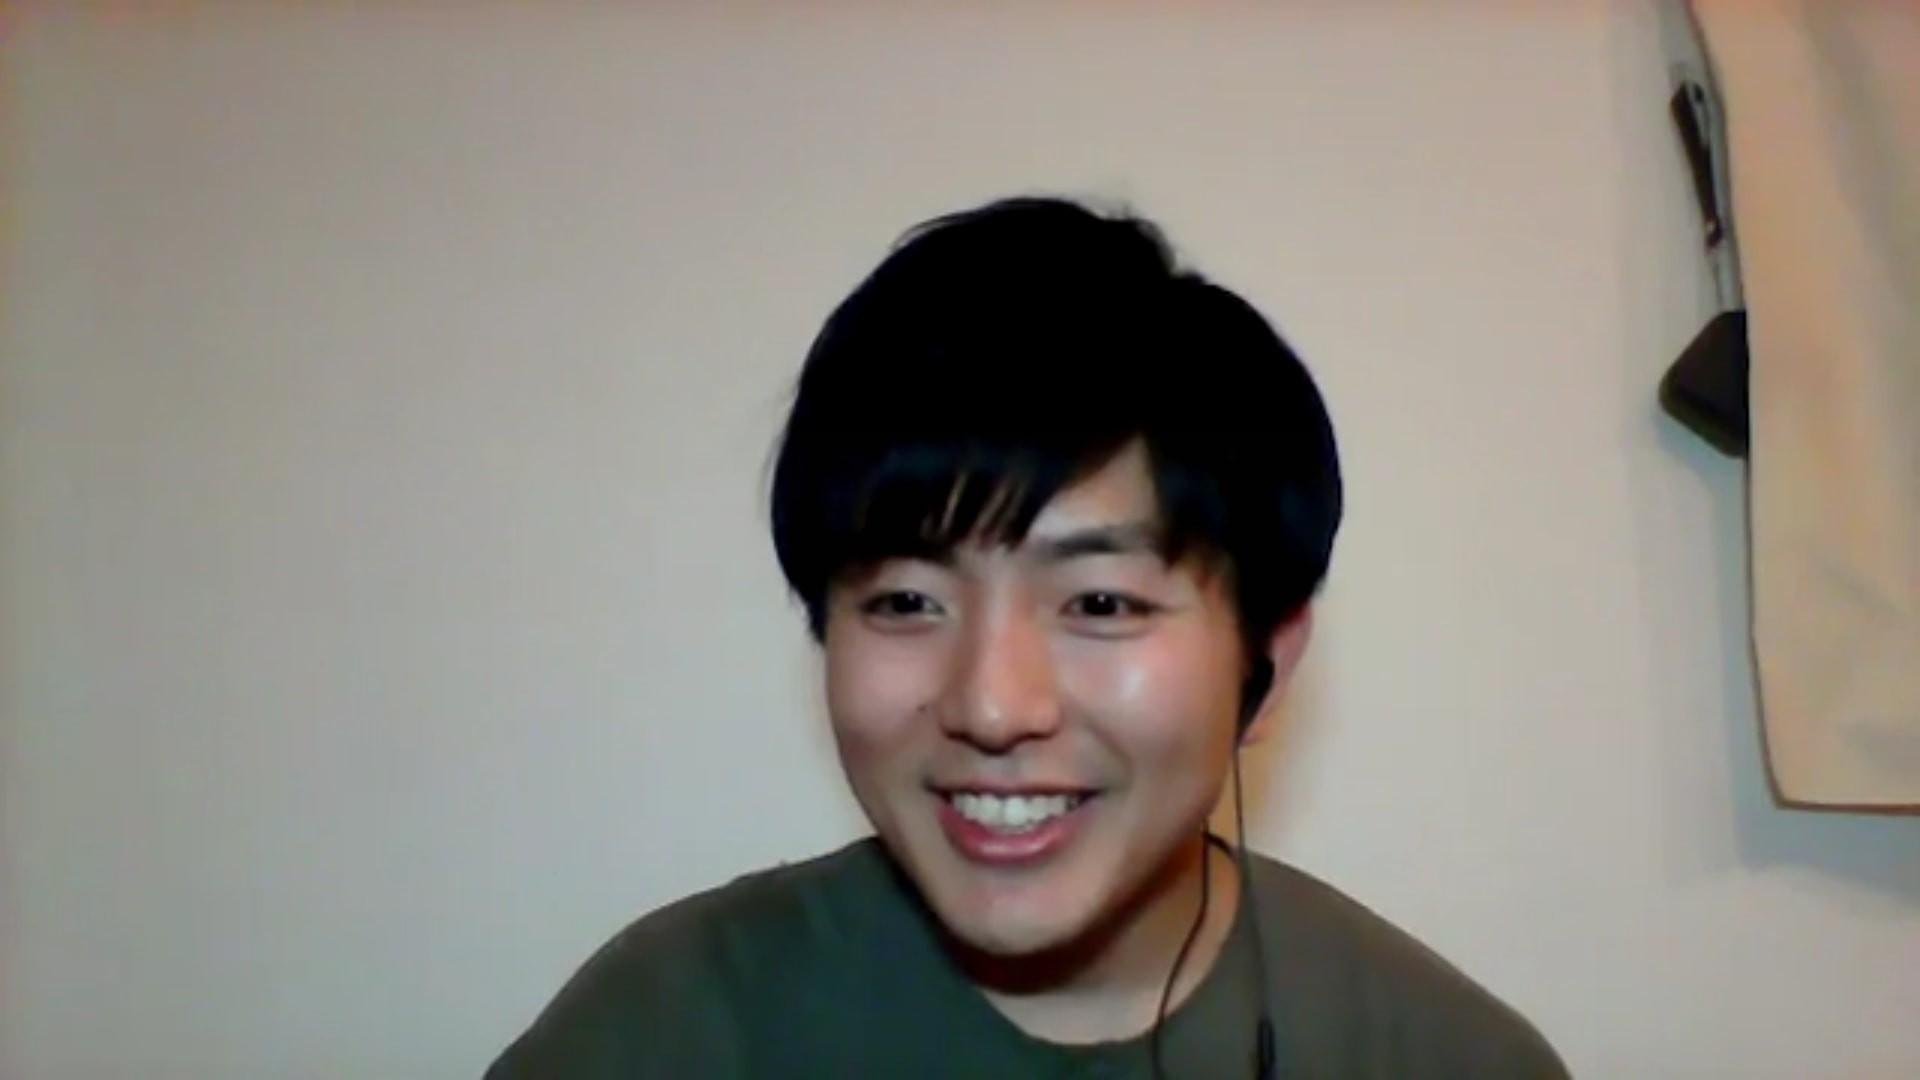 Anh chàng Nhật Bản mặt bụ, cười tươi như hoa khiến chị em ghen tị vì có làn da đẹp như da em bé - Ảnh 5.